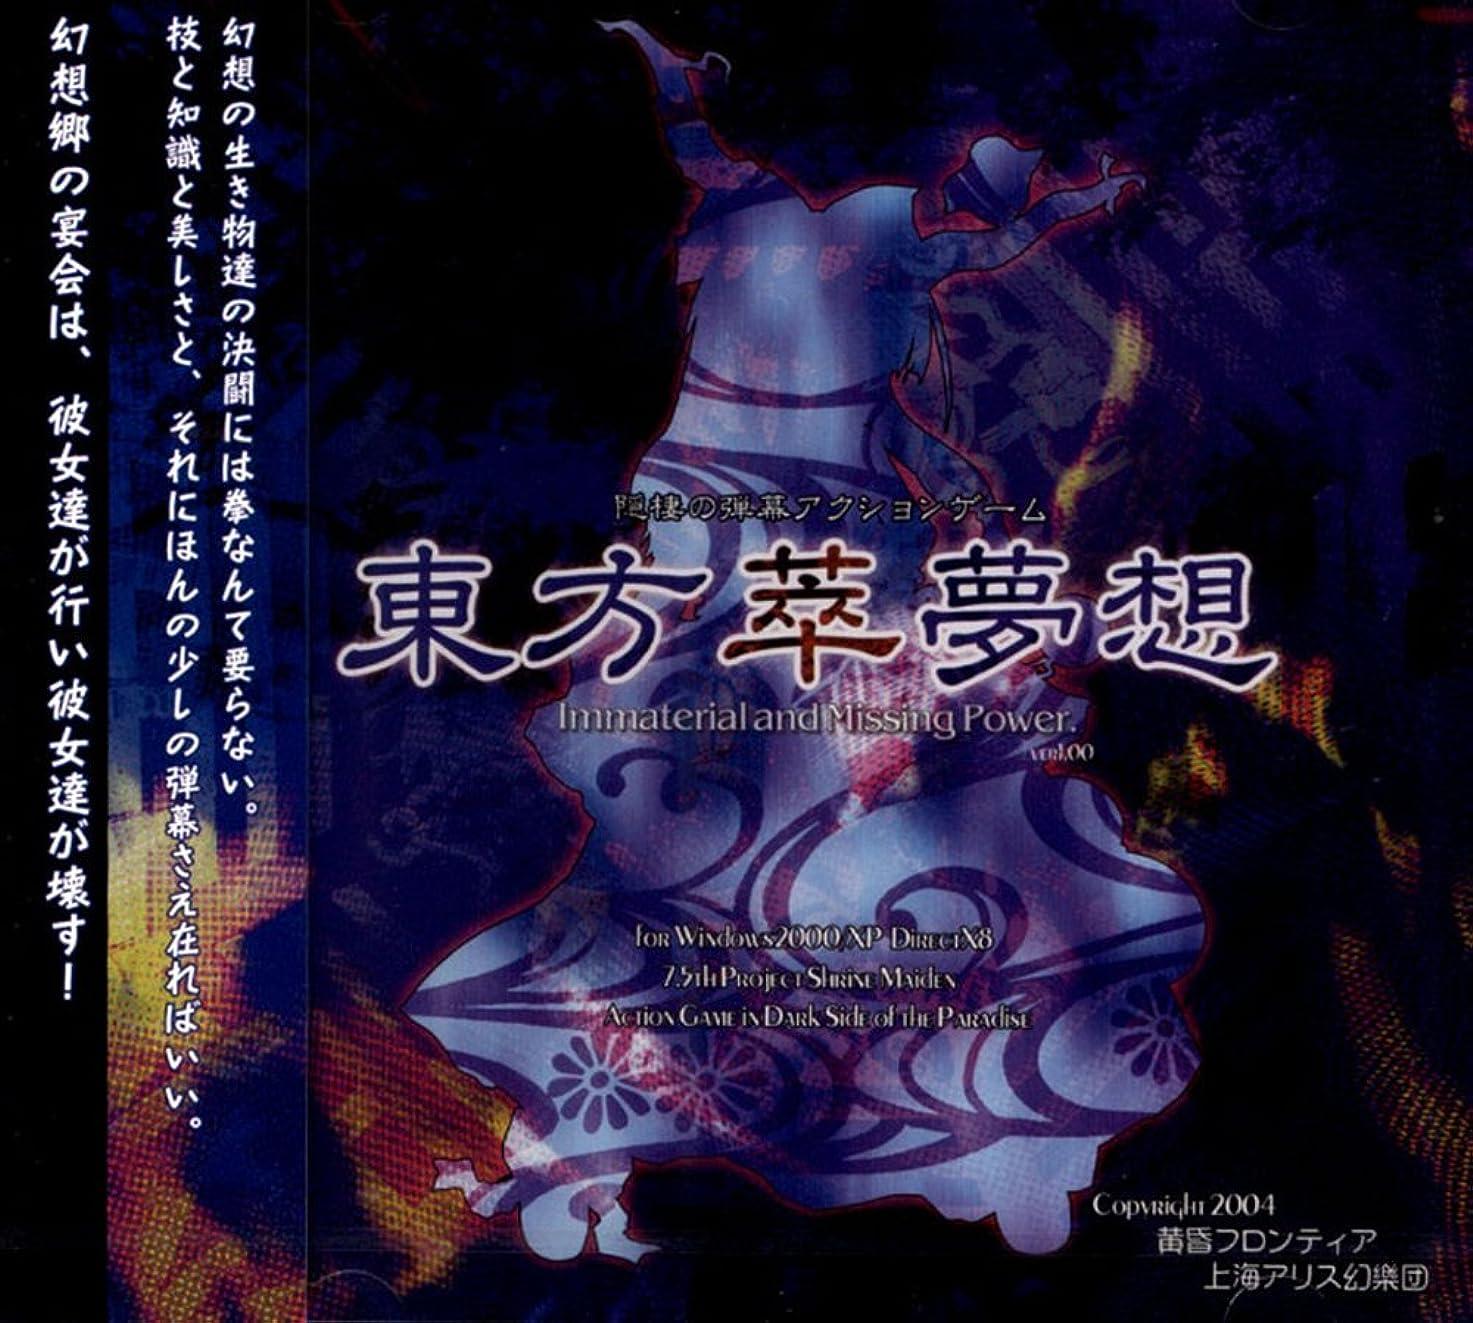 木材無力クローン東方萃夢想 ~ Immaterial and Missing Power.[同人PCソフト]